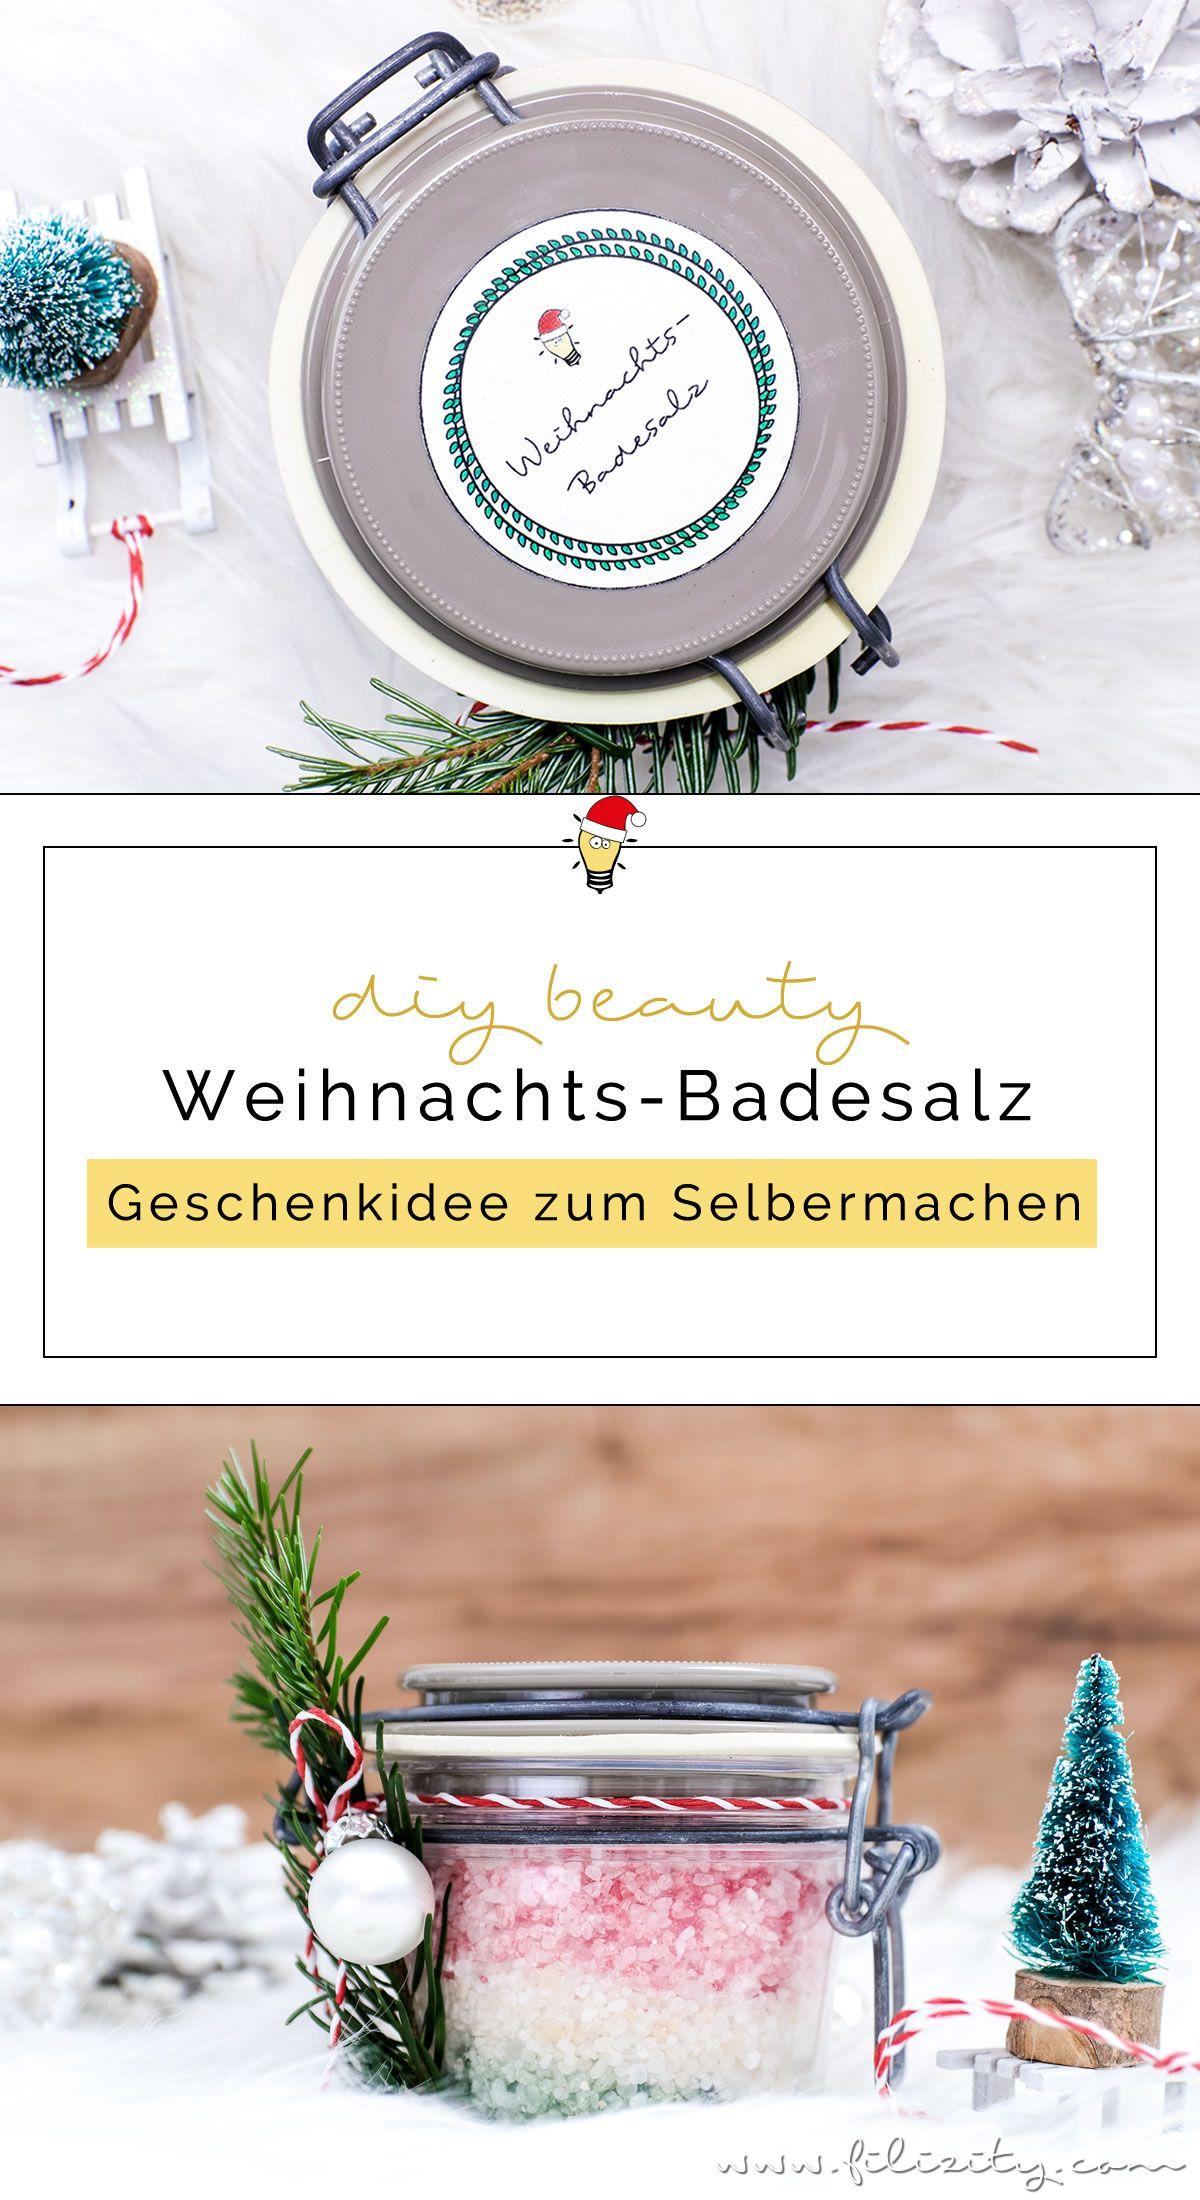 Geschenkidee: DIY Weihnachts-Badesalz | Filizity.com | Beauty-Blog aus dem Rheinland